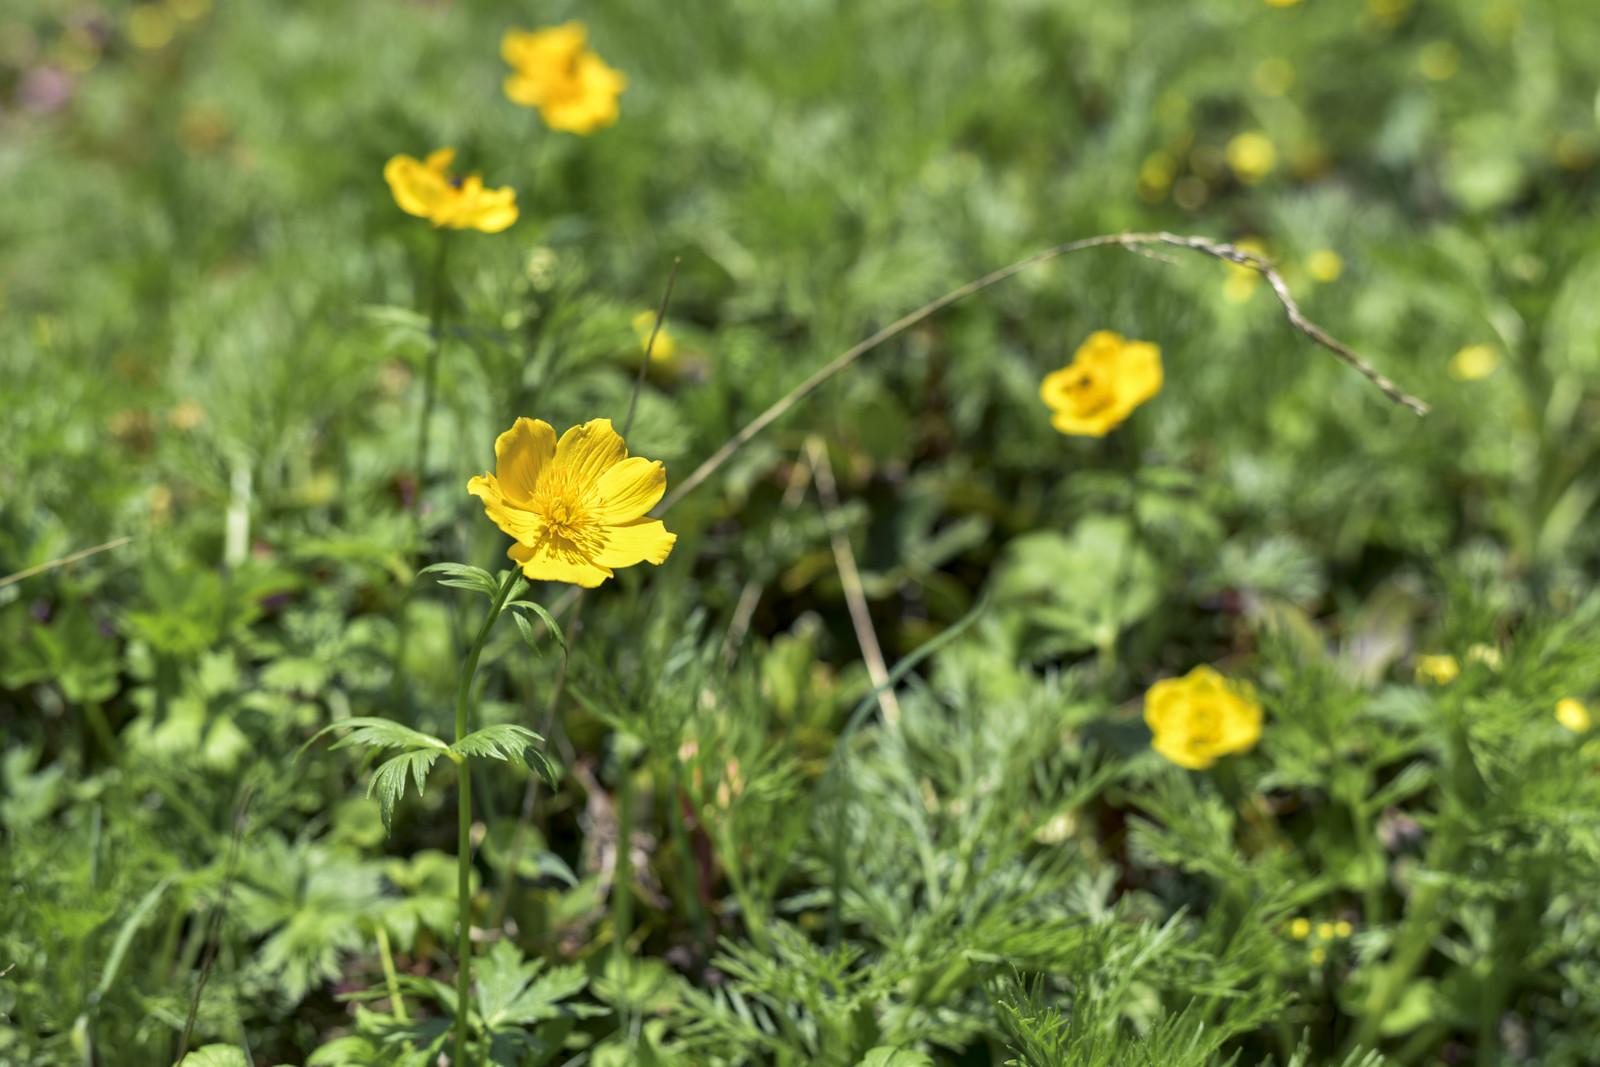 牧野富太郎植物